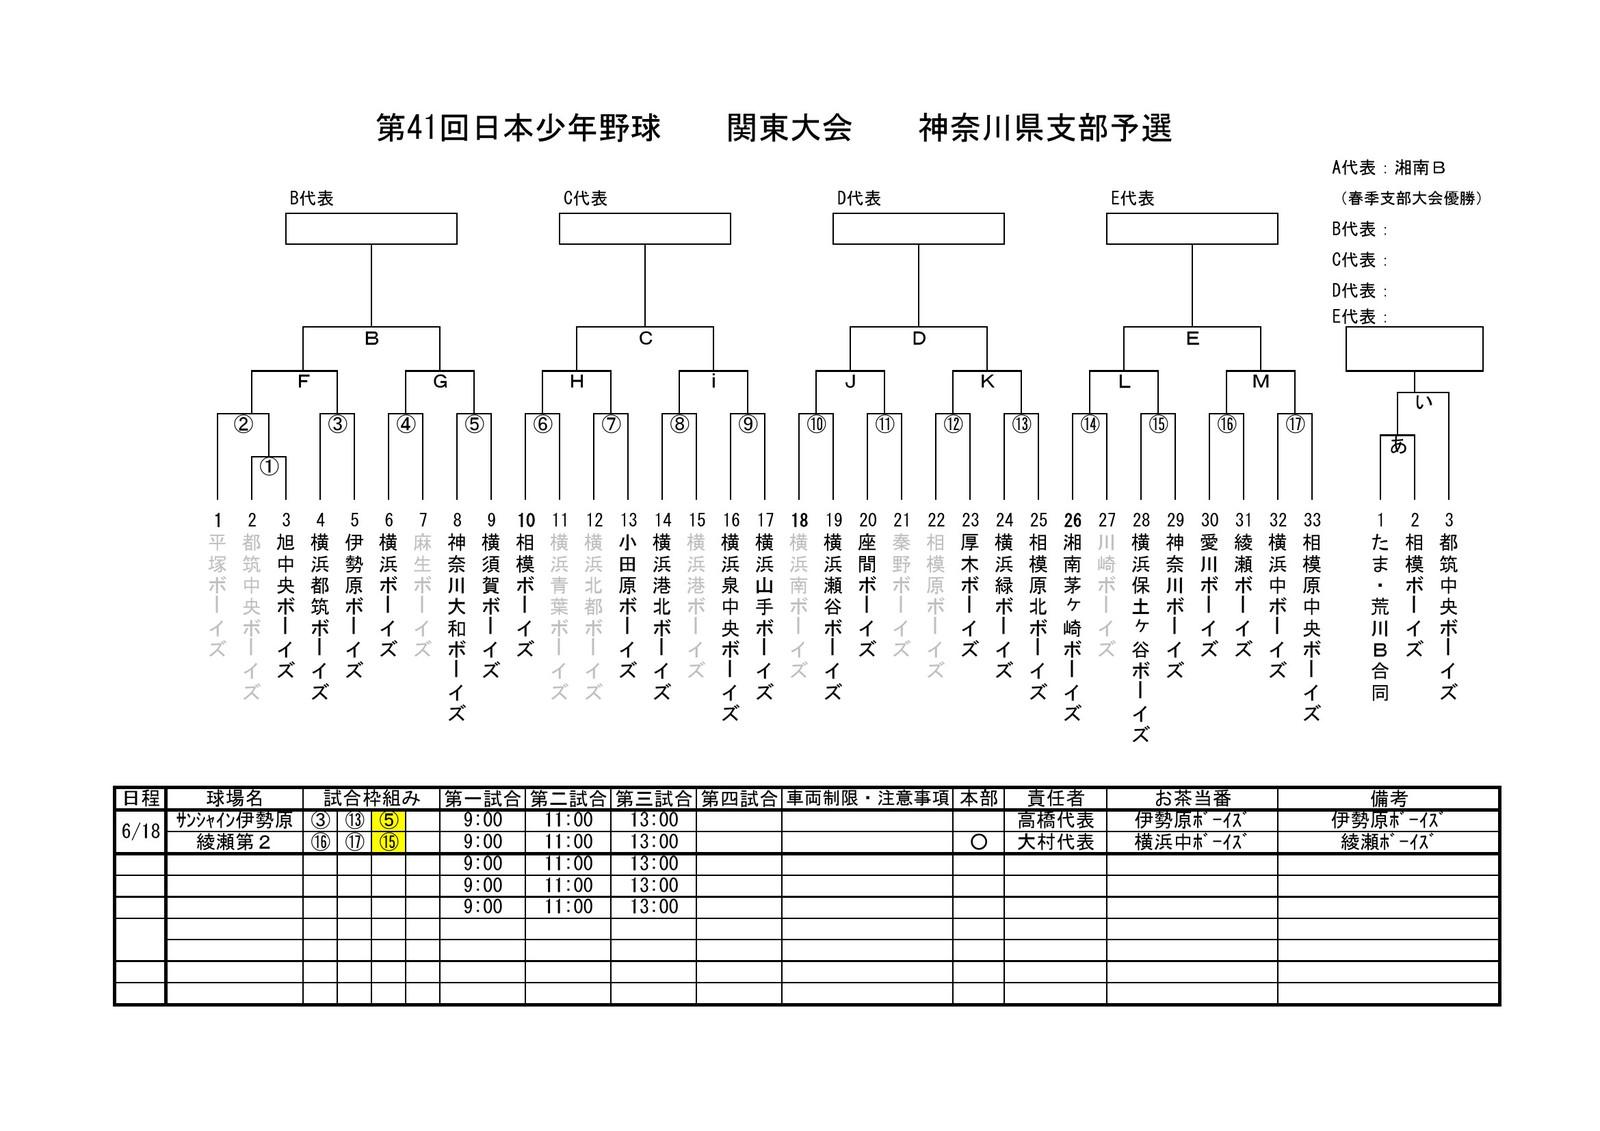 20160611_41th_kanto_kanagawayosen